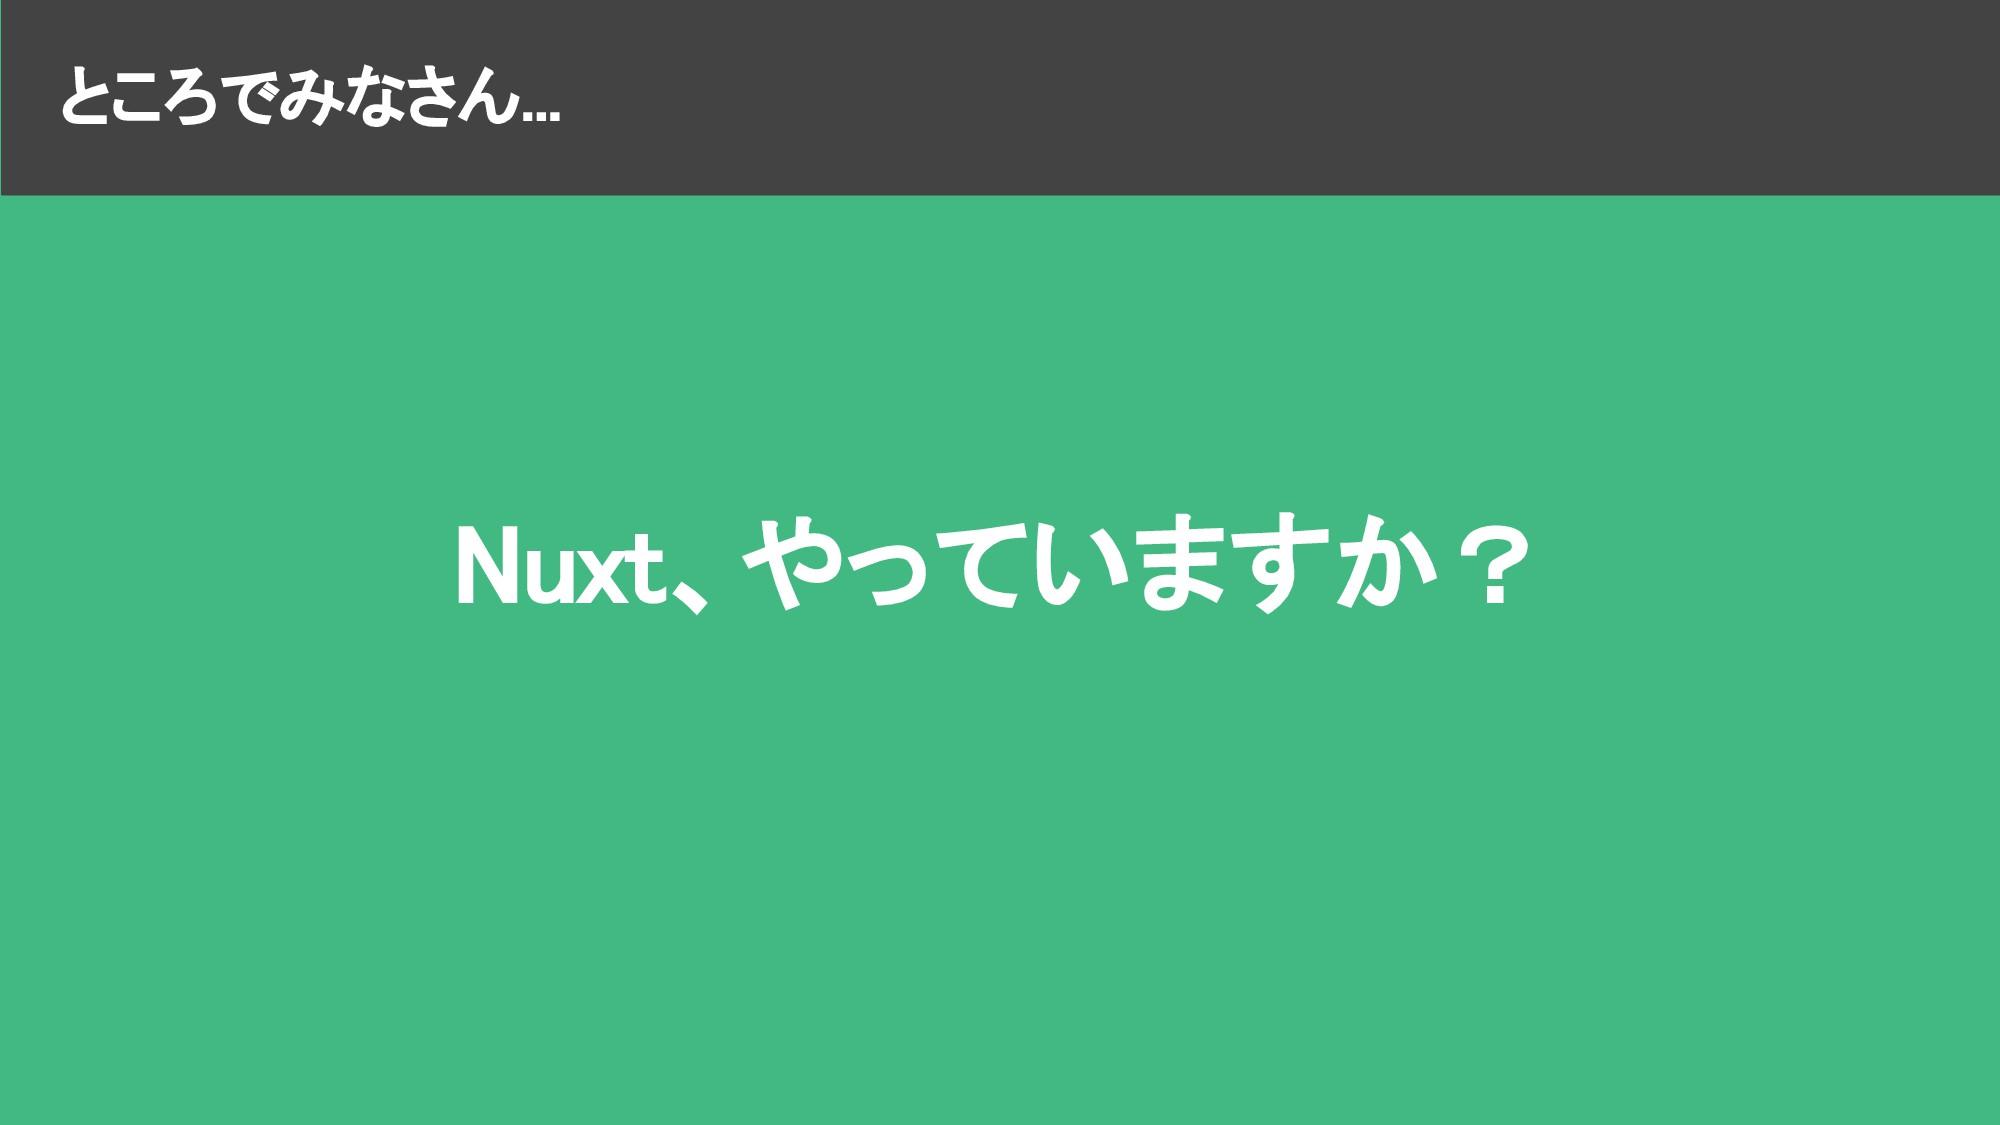 ところでみなさん... Nuxt、やっていますか?